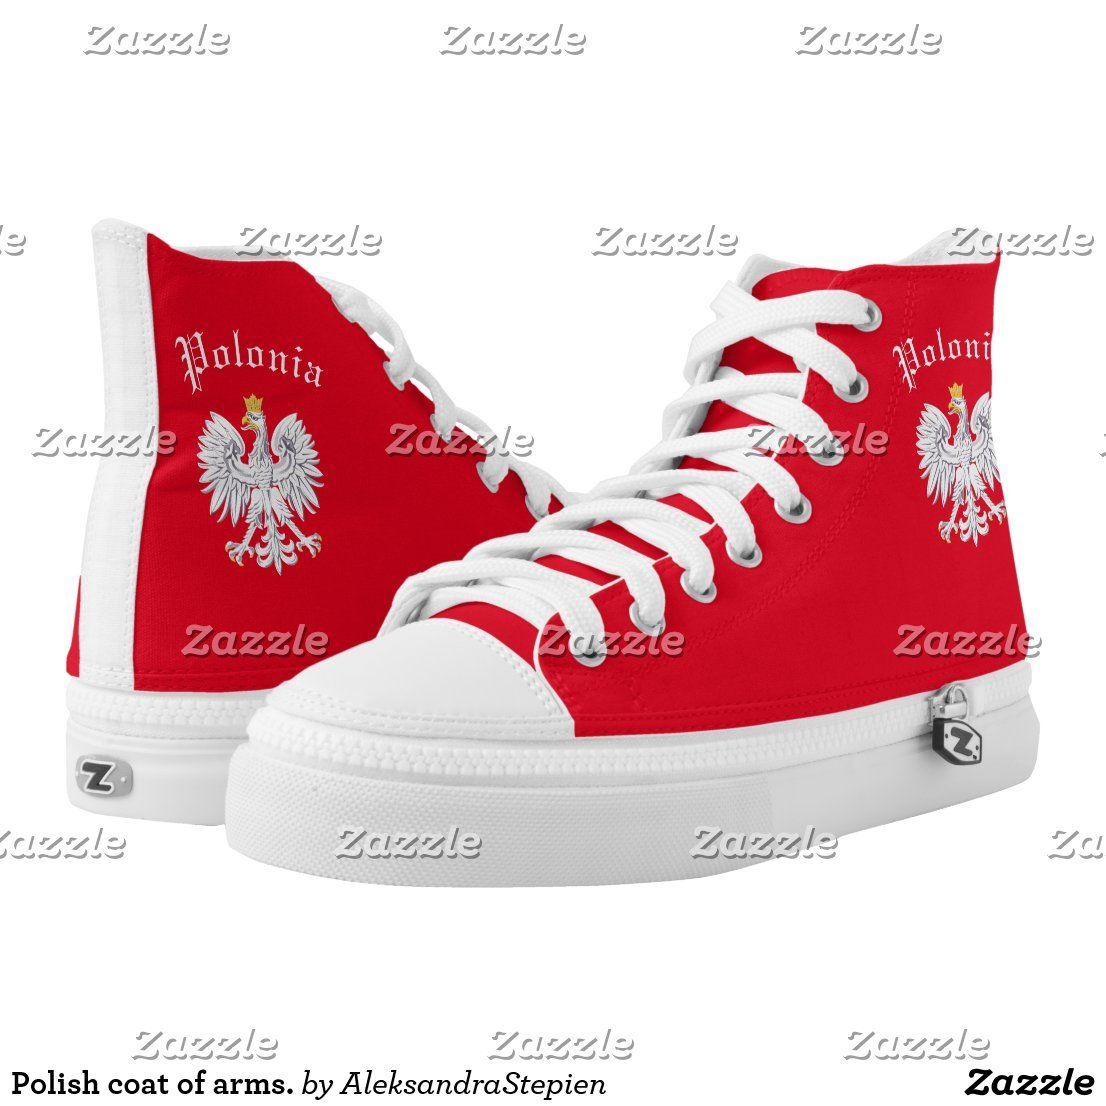 polacchi converse